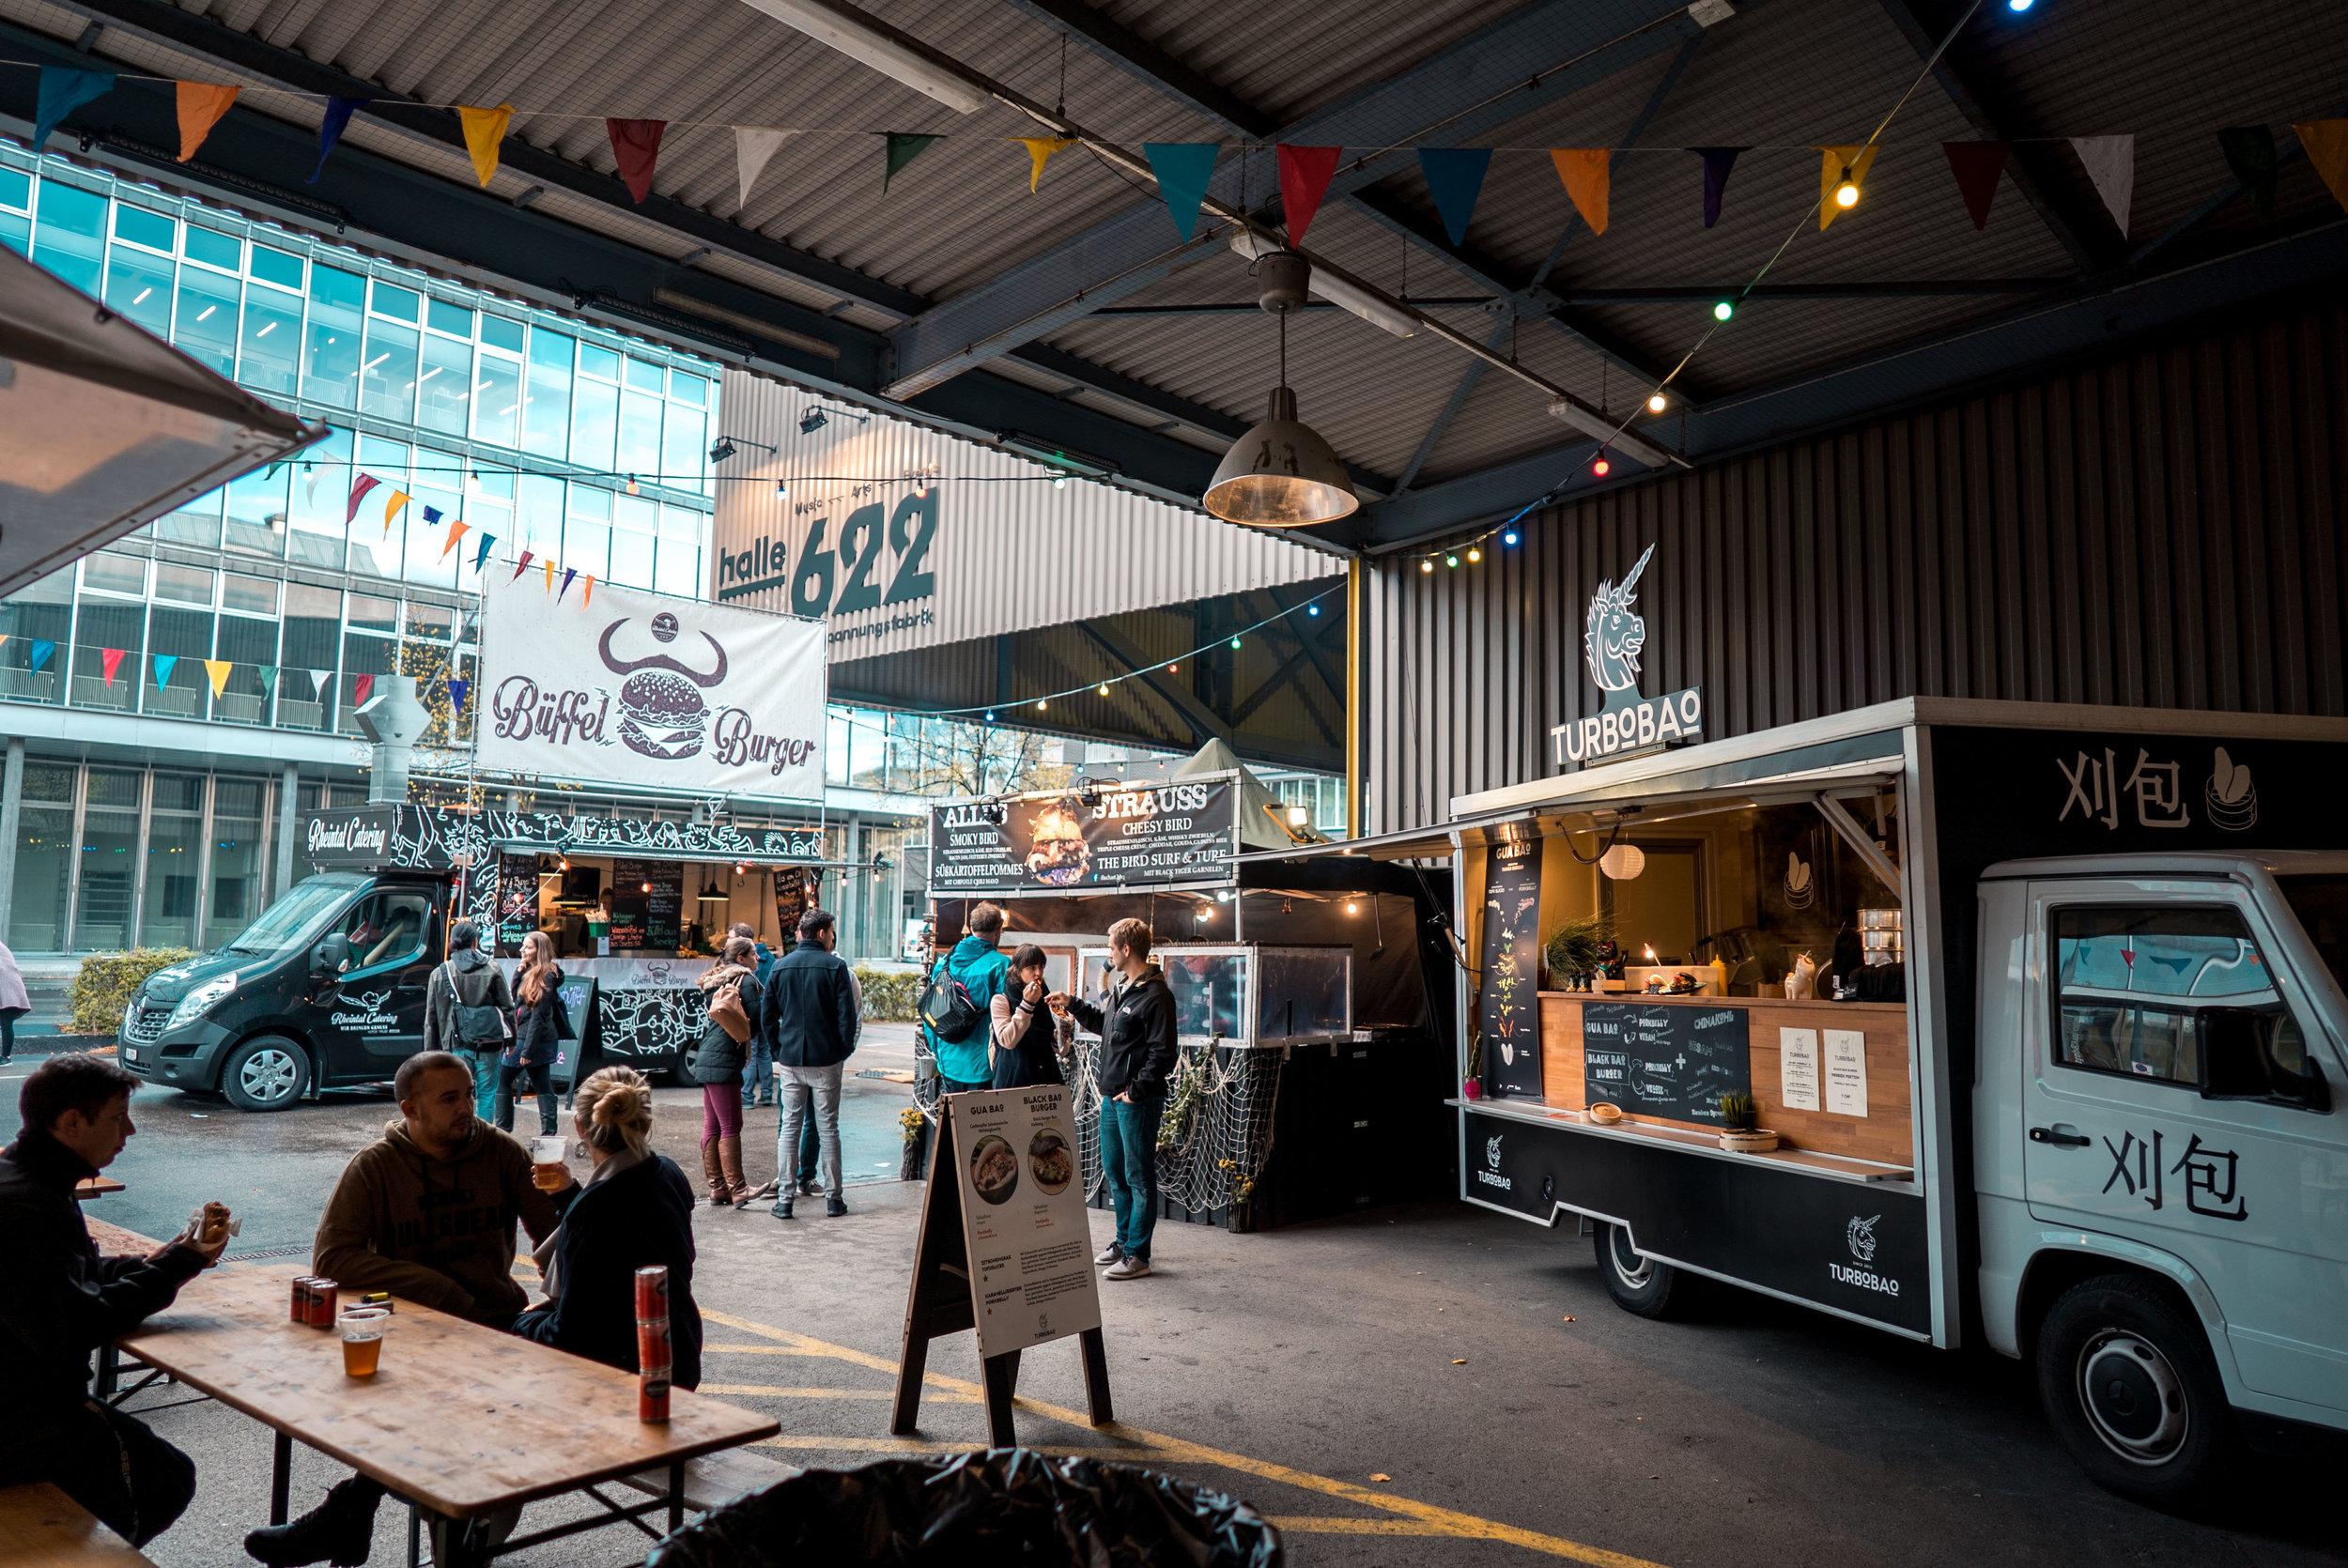 Burger & Beer Festival - Halle 622